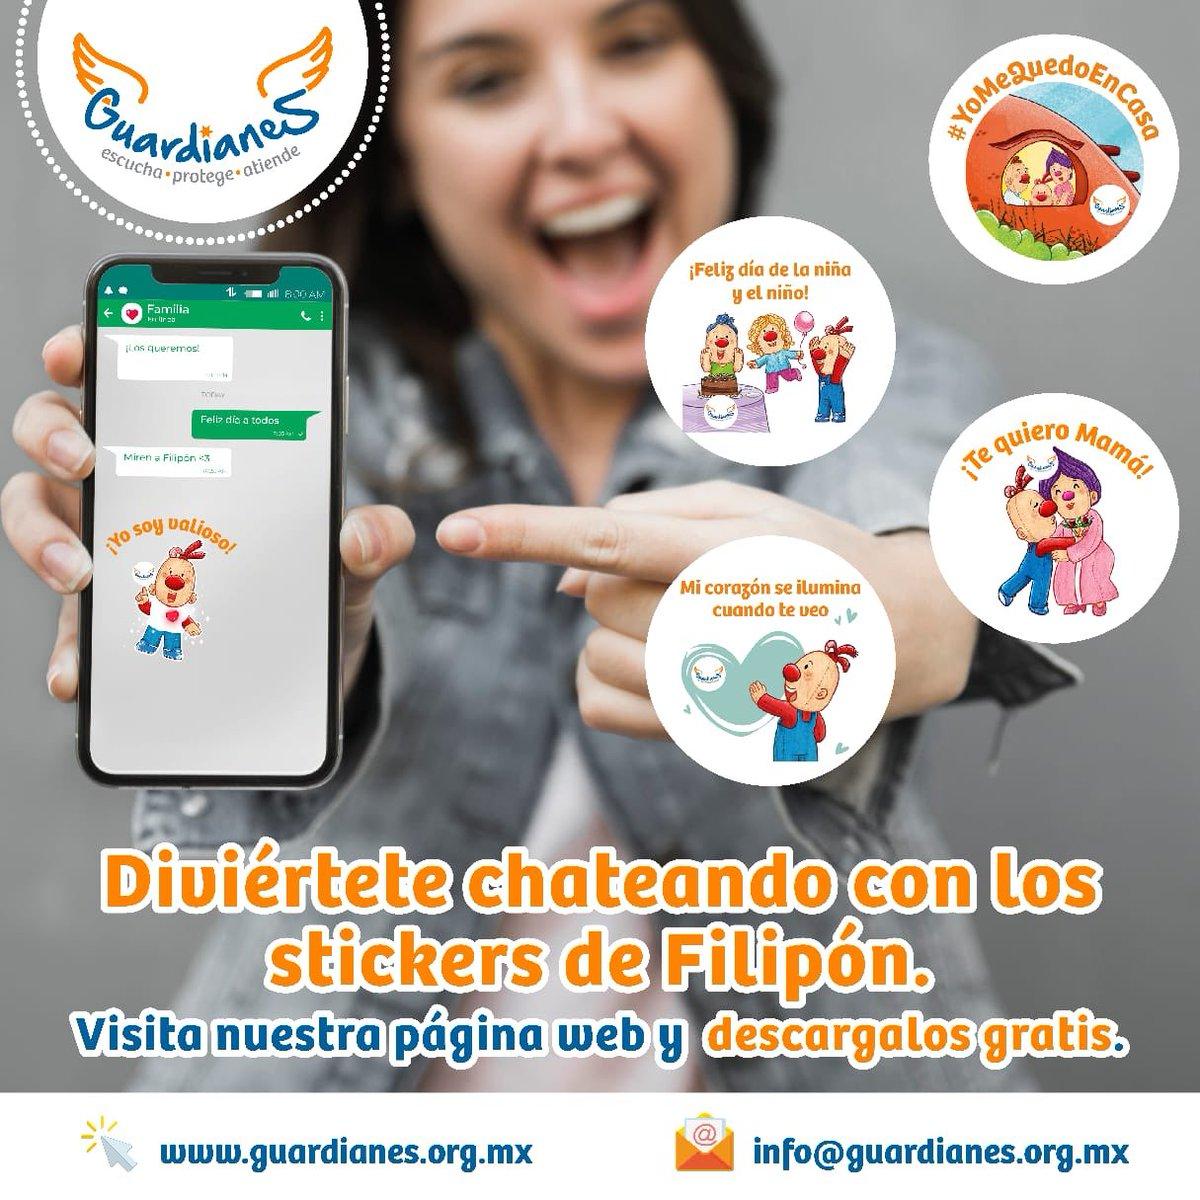 ¡#Guardianes, Filipón quiere chatear con ustedes!  ¡Descarga #gratis sus stickers en nuestra página web, en la sección #YoMeQuedoEnCasa y diviértete enviándolos a tus amigas(os)!    #todasytodossomosGuardianes  #EnCasaconFilipón